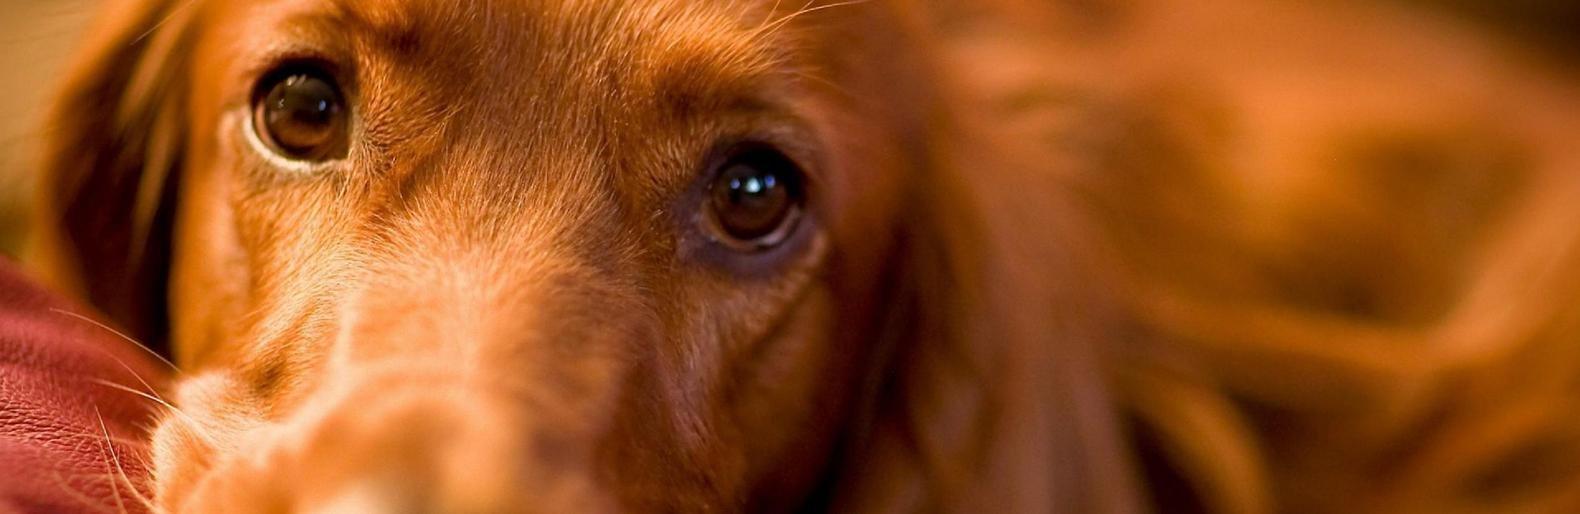 коронавирус энтерит у собак